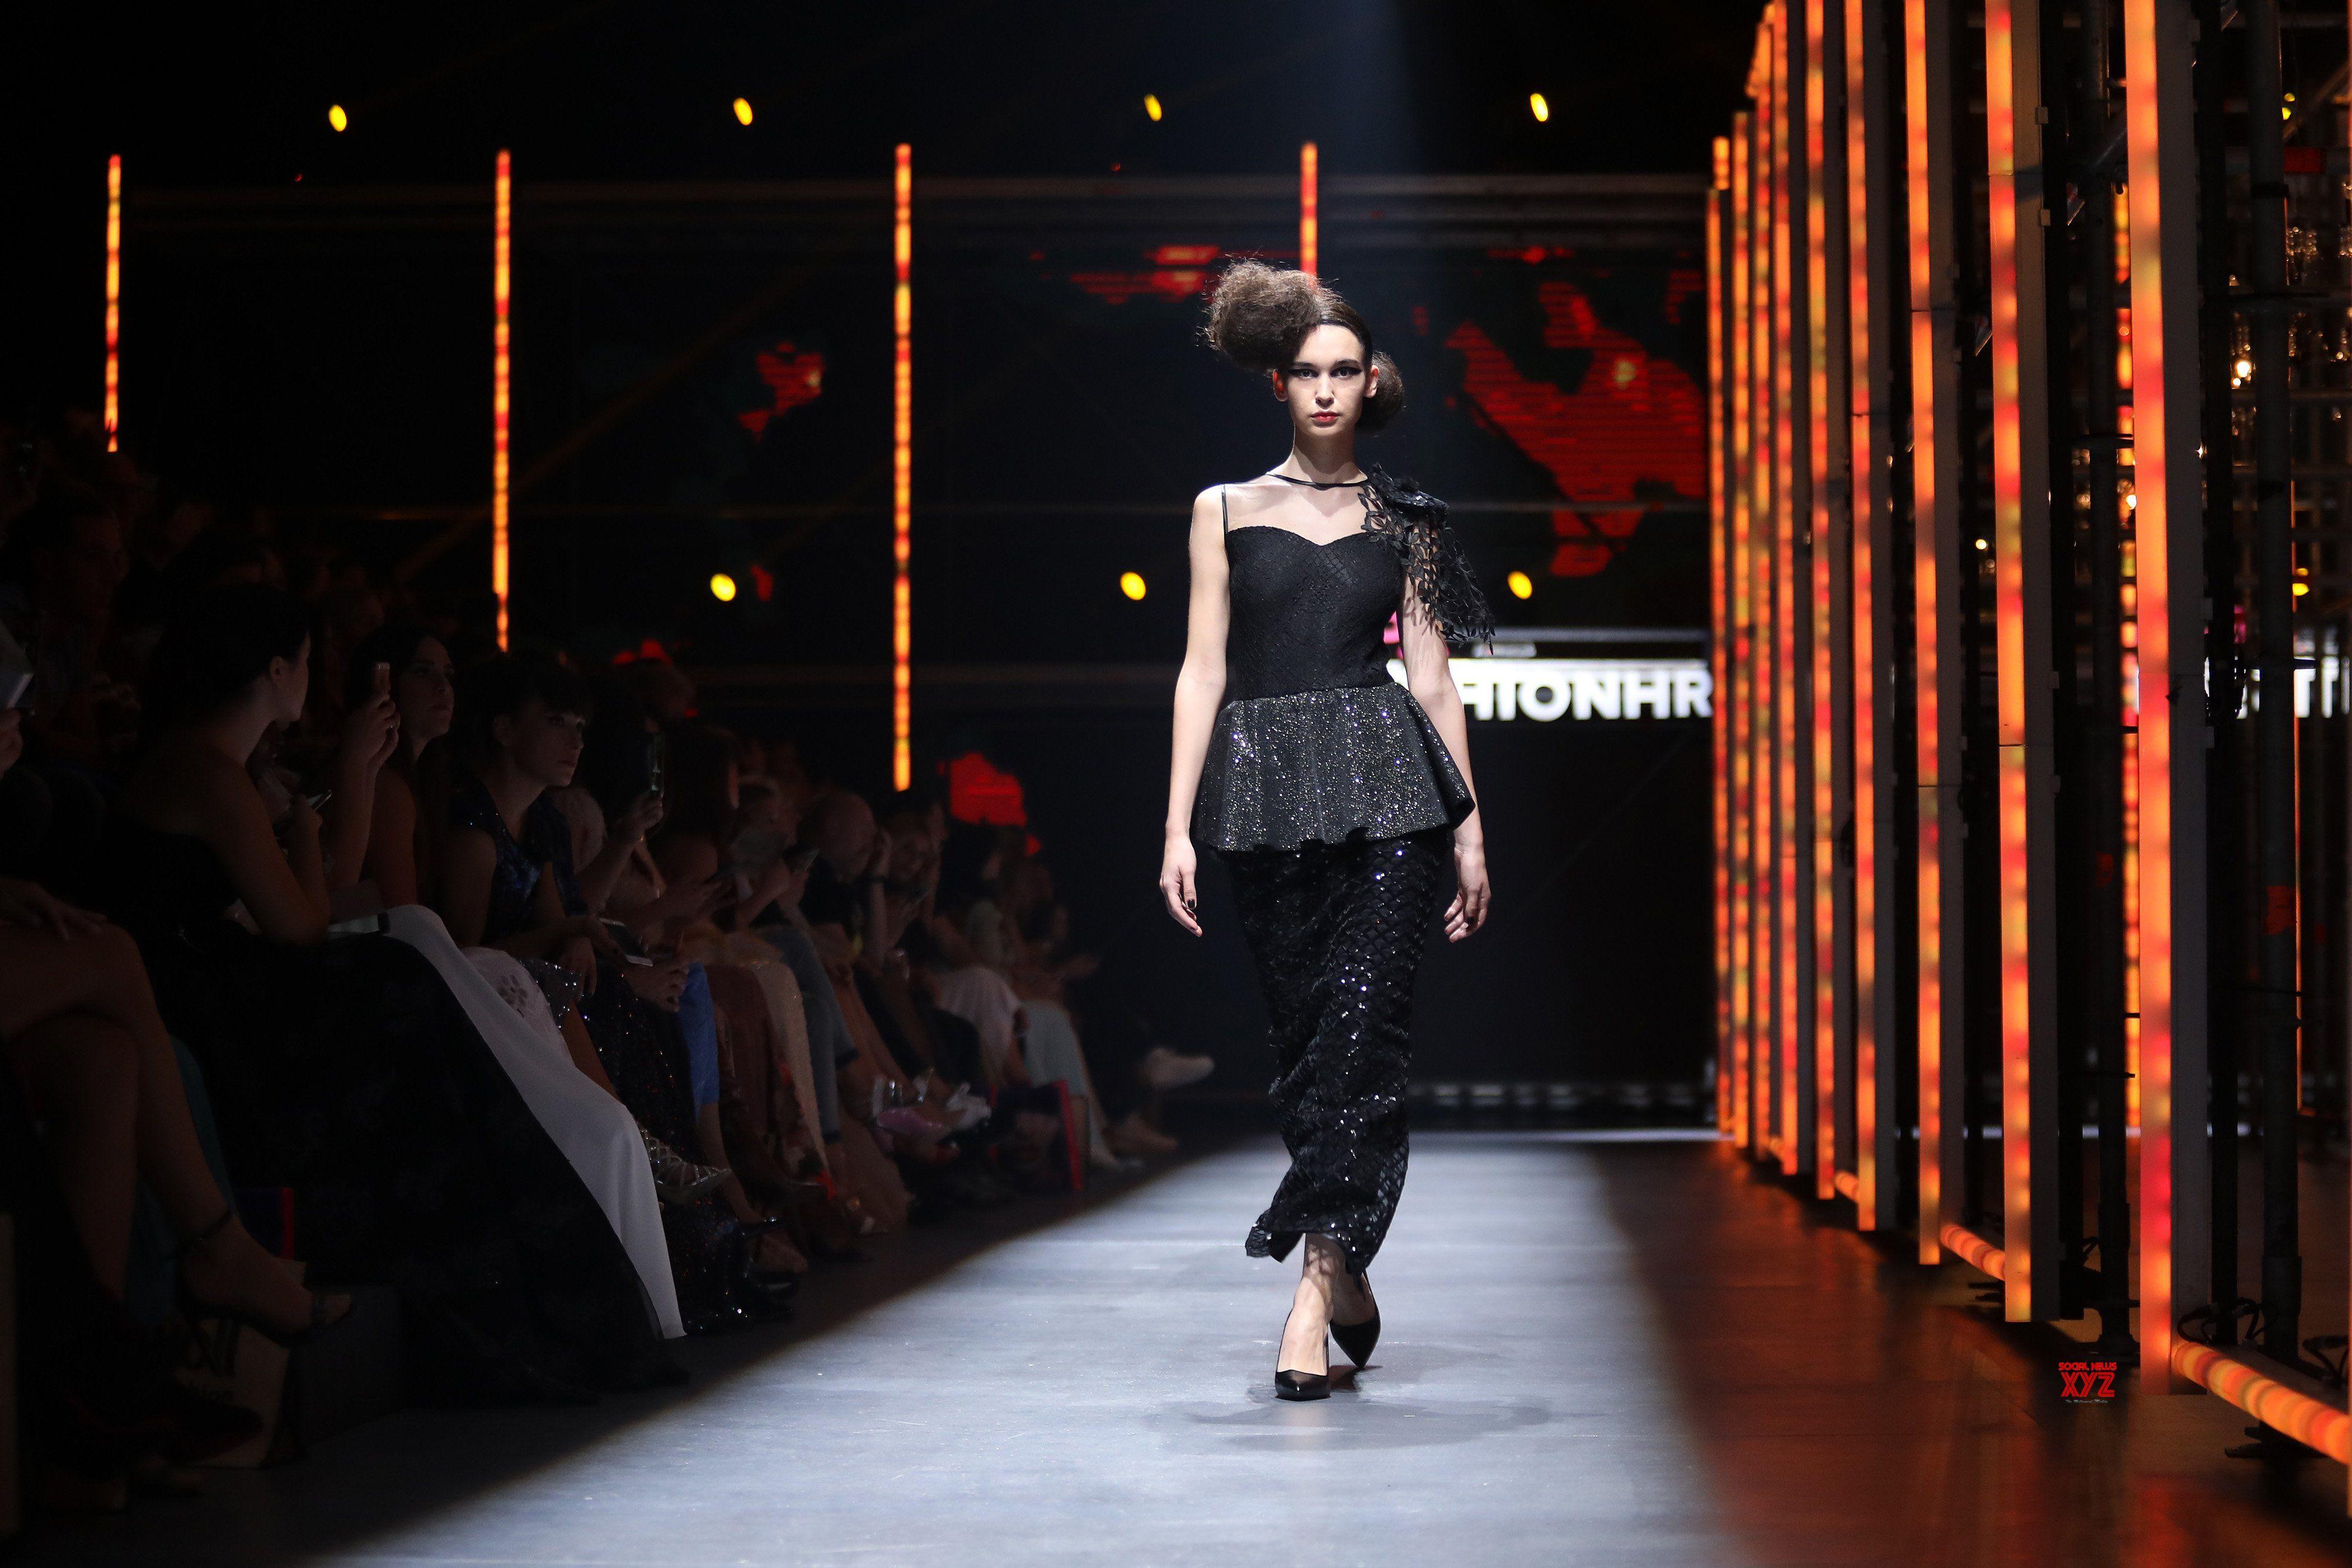 Croatia Zagreb Fashion Show Gallery Social News Xyz Zagreb Model Croatia